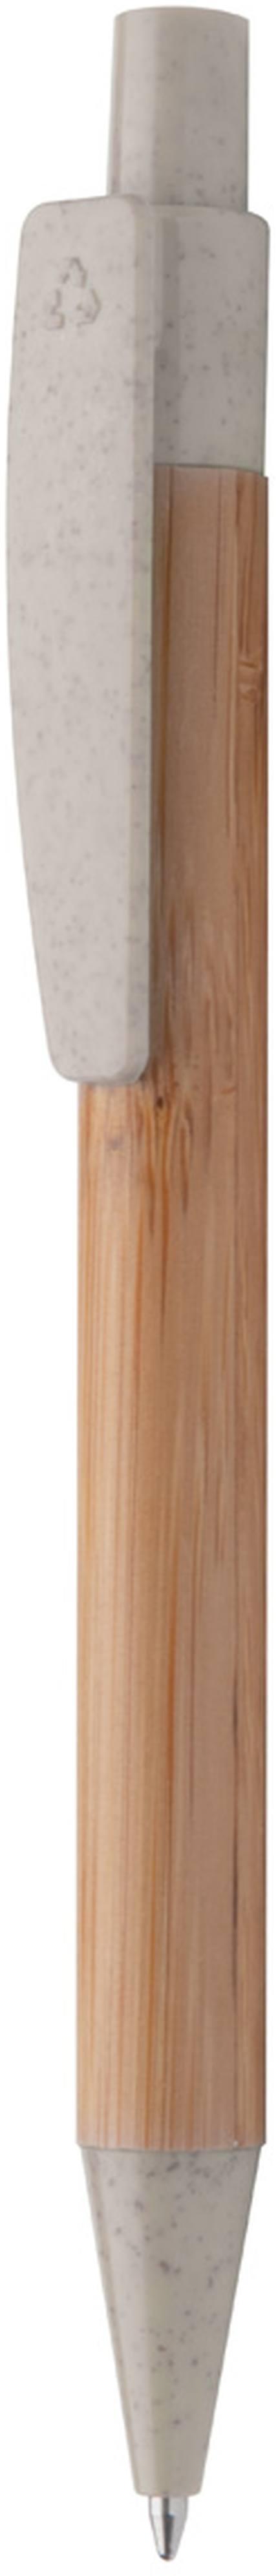 Boothic bambusové kuličkové pero